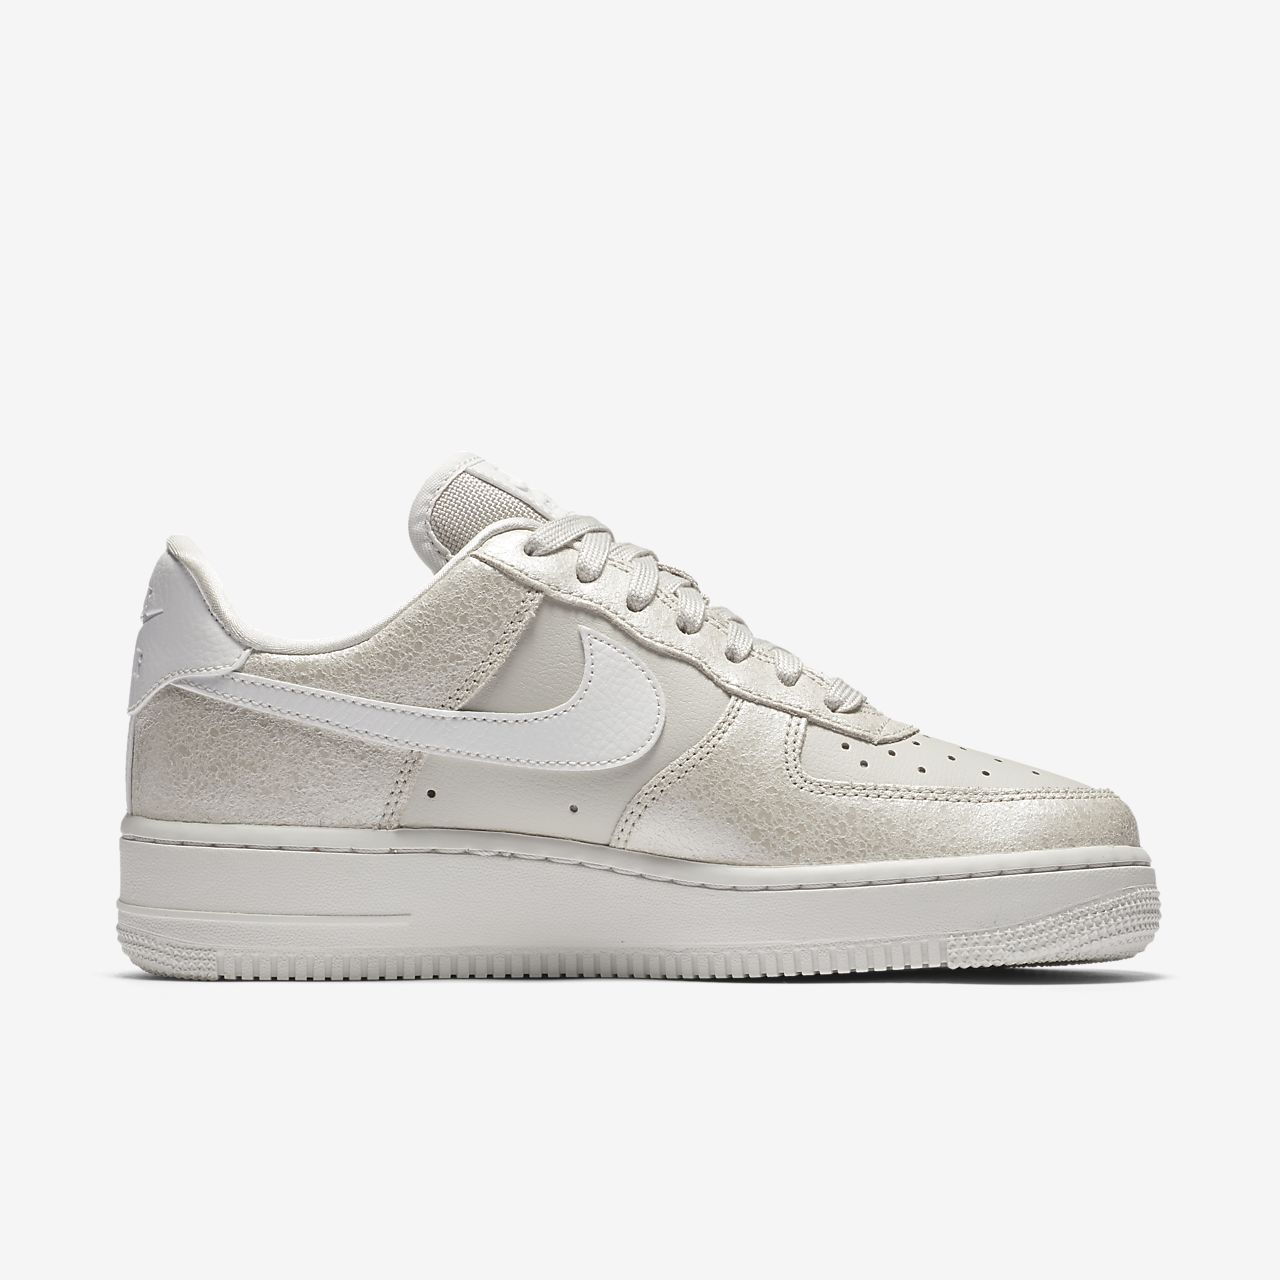 Shoes Force Importation Marron Basse nike Noir Air De 1 One j35ARqL4